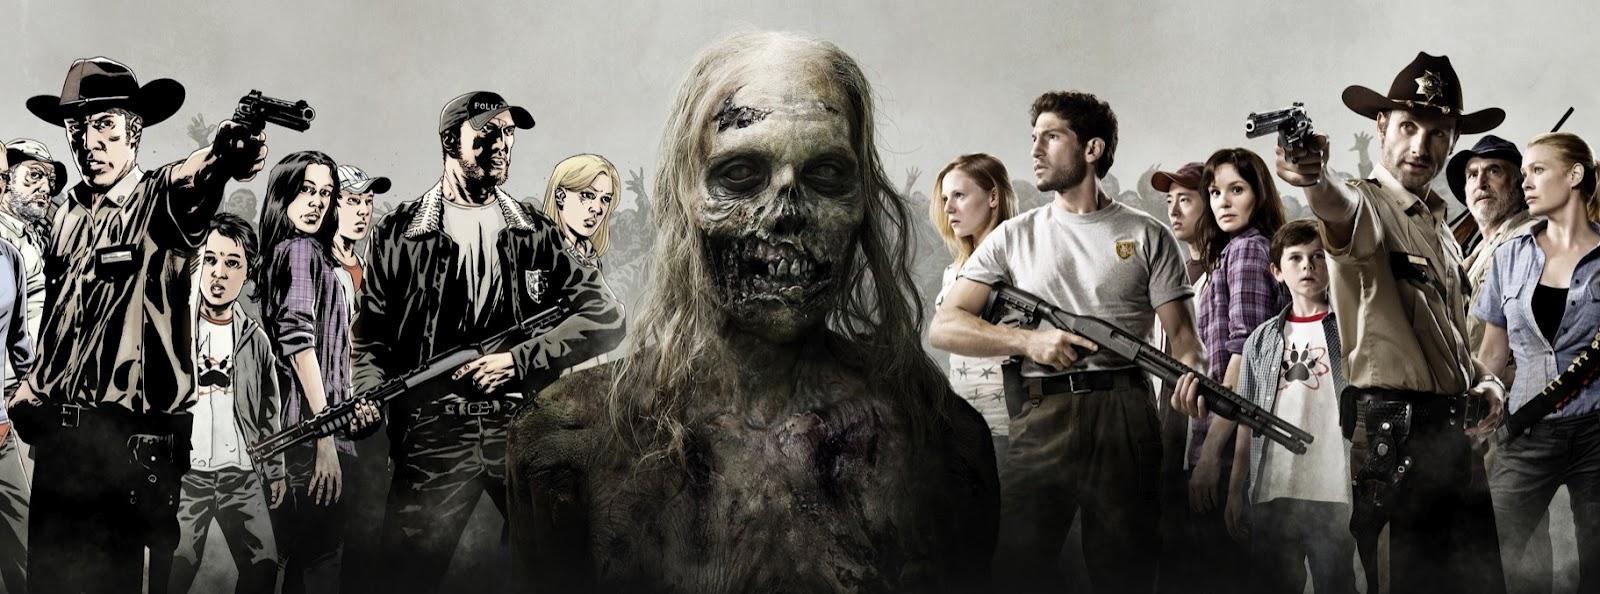 the-walking-dead-facebook-kapak